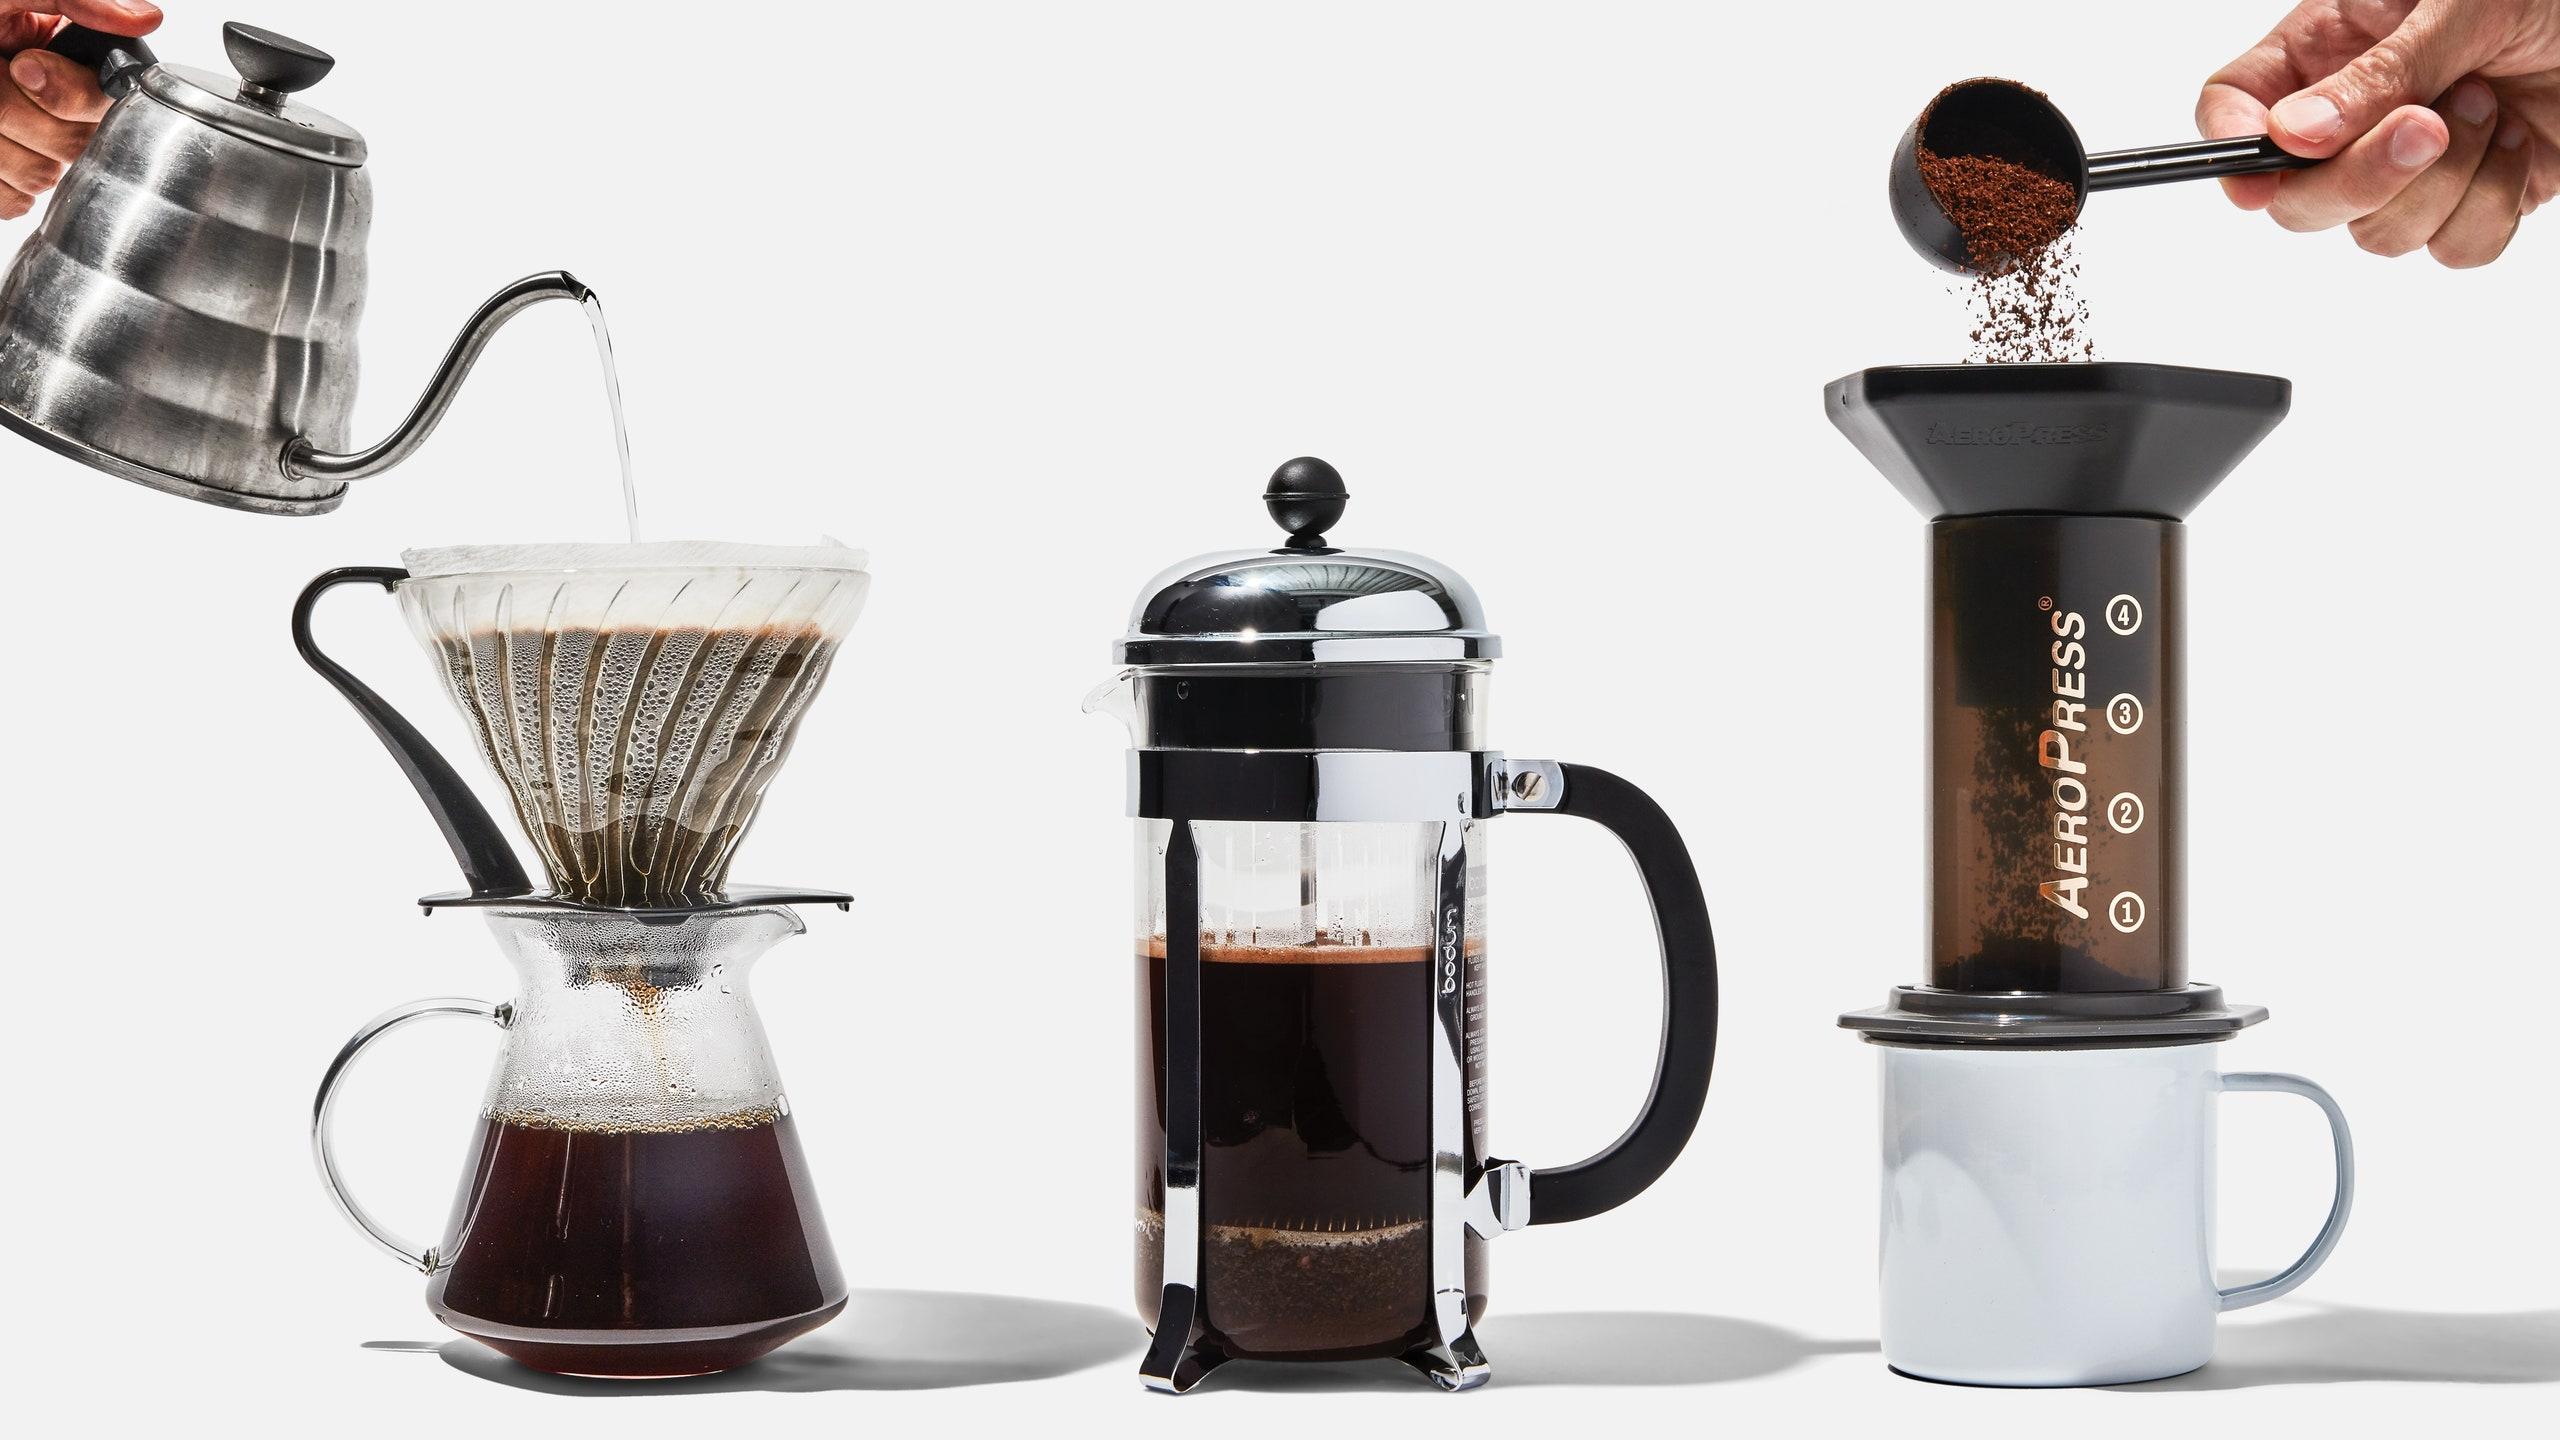 Prepară-ți cafeaua perfectă acasă cu aceste modalități simple. Diminețile tale nu vor mai fi la fel